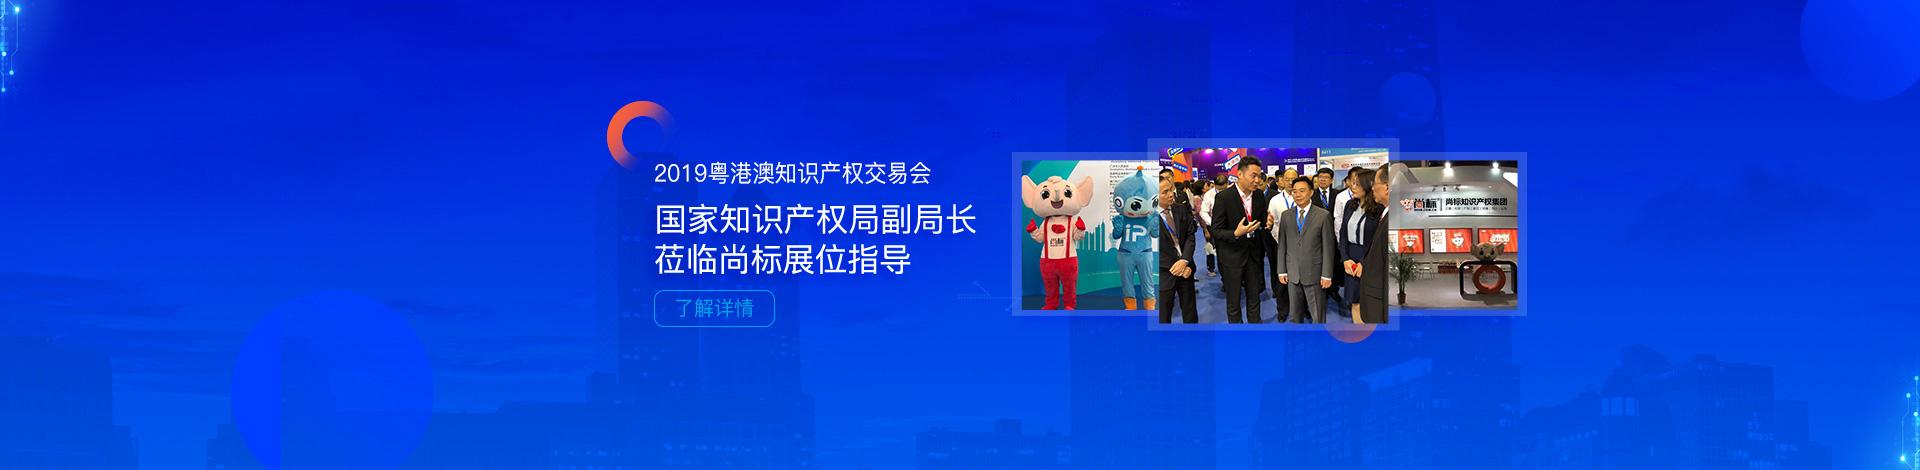 尚标-中国商标注册代理机构知识产权交易